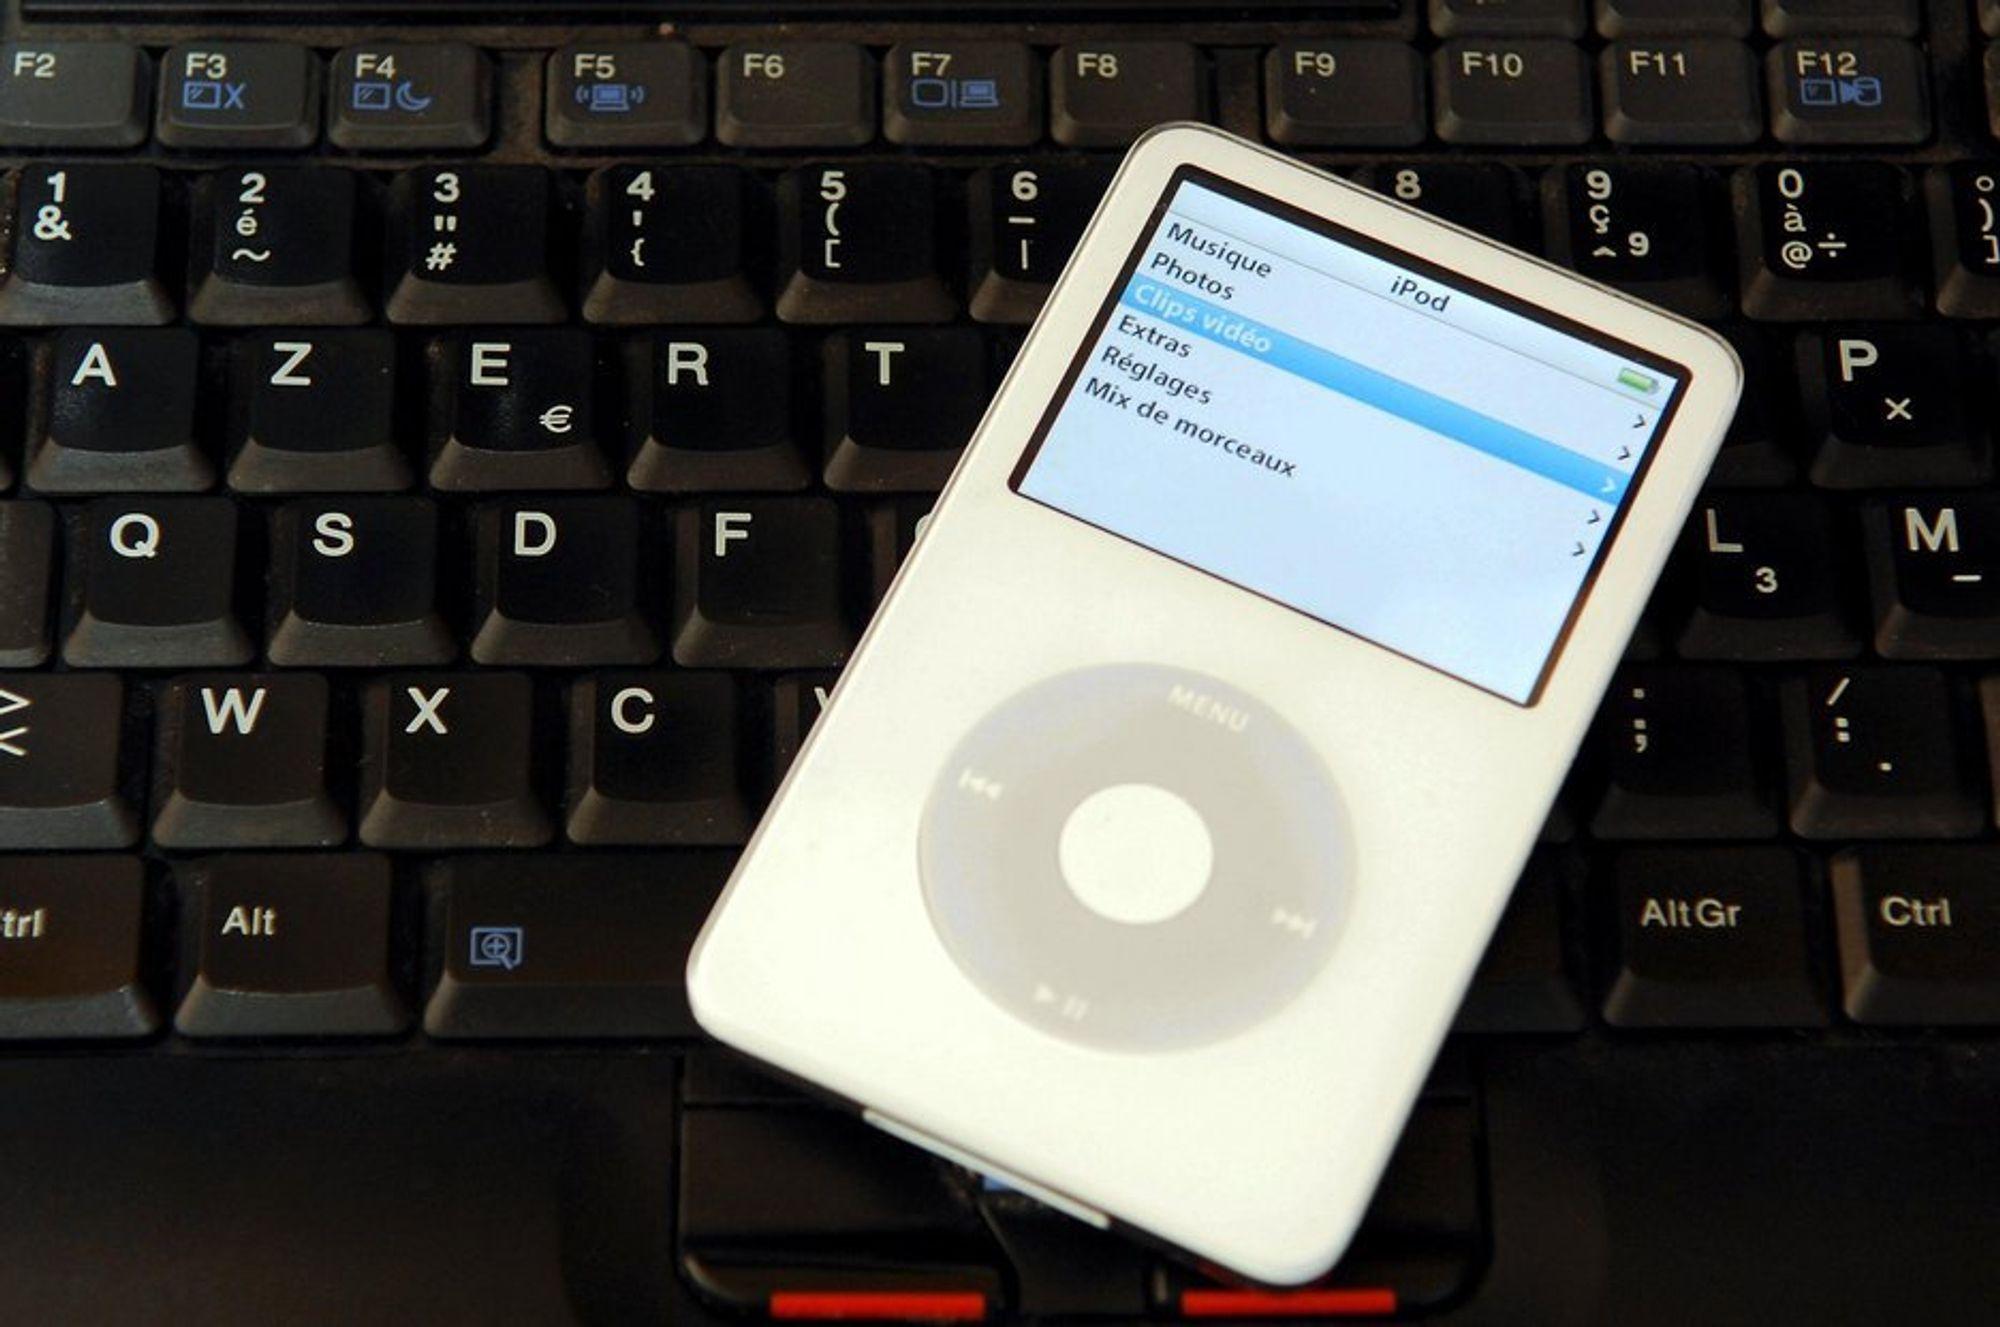 iPod. Mp3. Mp3-låter. Apple. Digital musikk. Komprimering. Data. IT. Musikk. Forbrukerelektronikk.